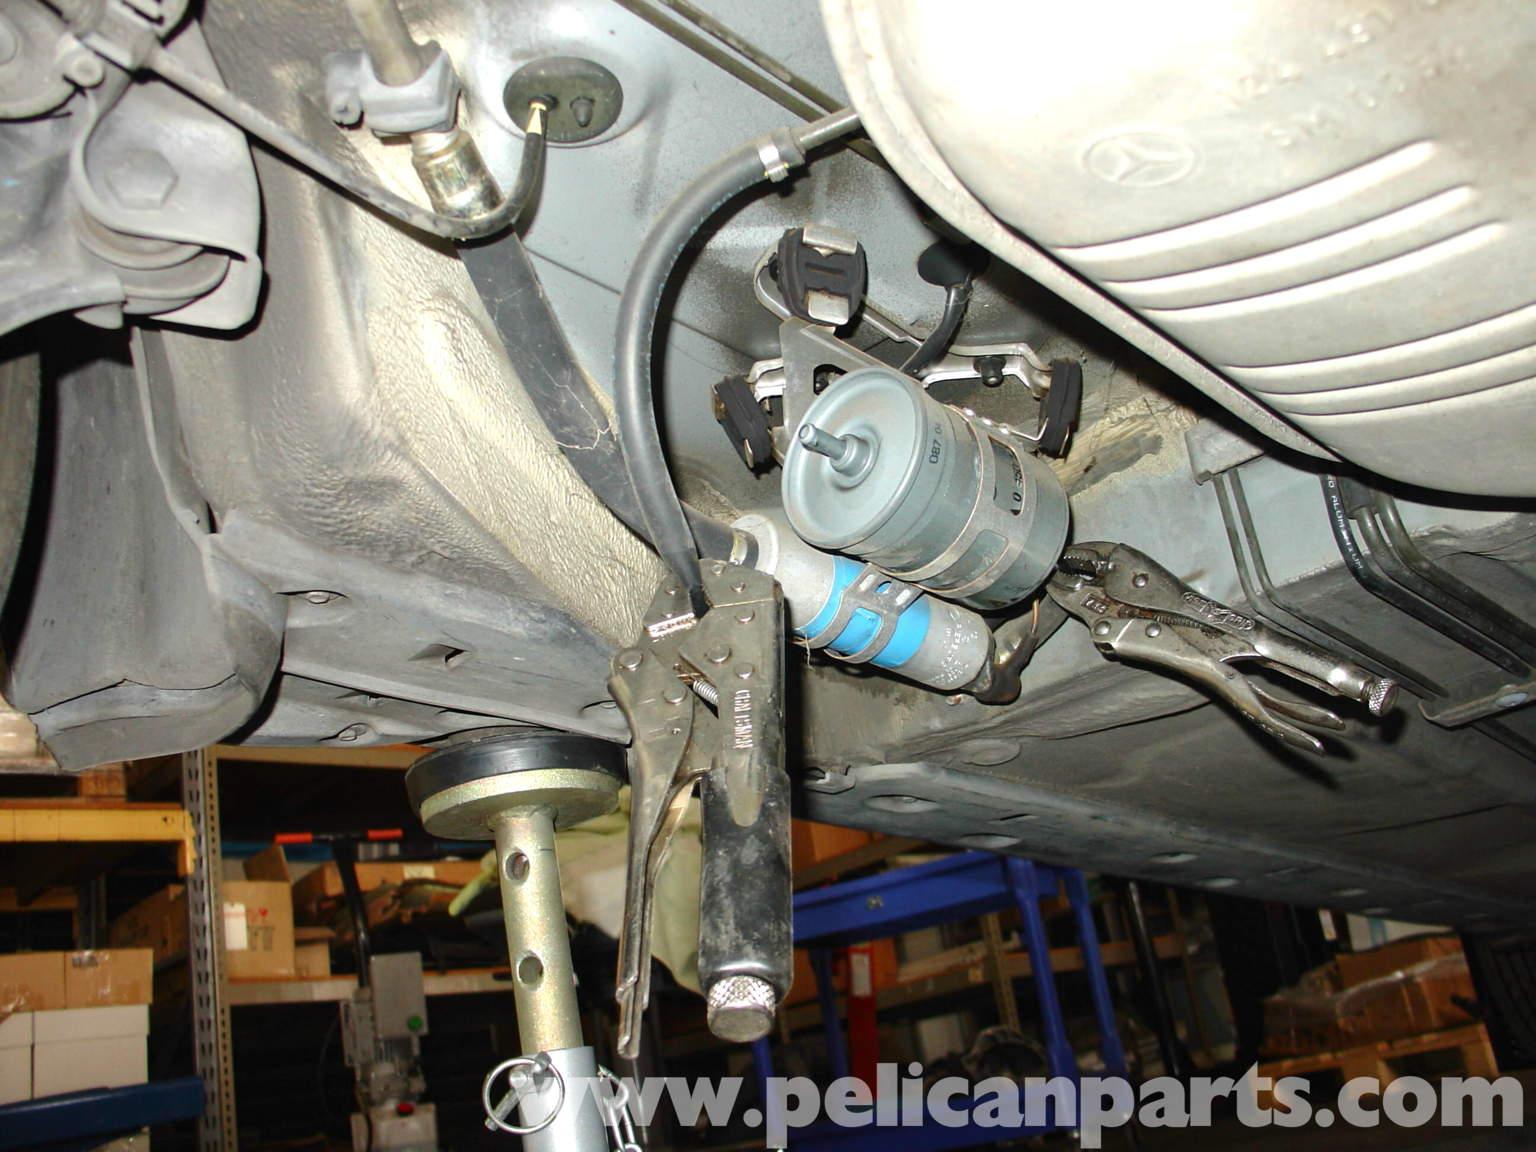 1981 380sl fuse diagram mercedes benz w210 fuel filter replacement  1996 03  e320  mercedes benz w210 fuel filter replacement  1996 03  e320